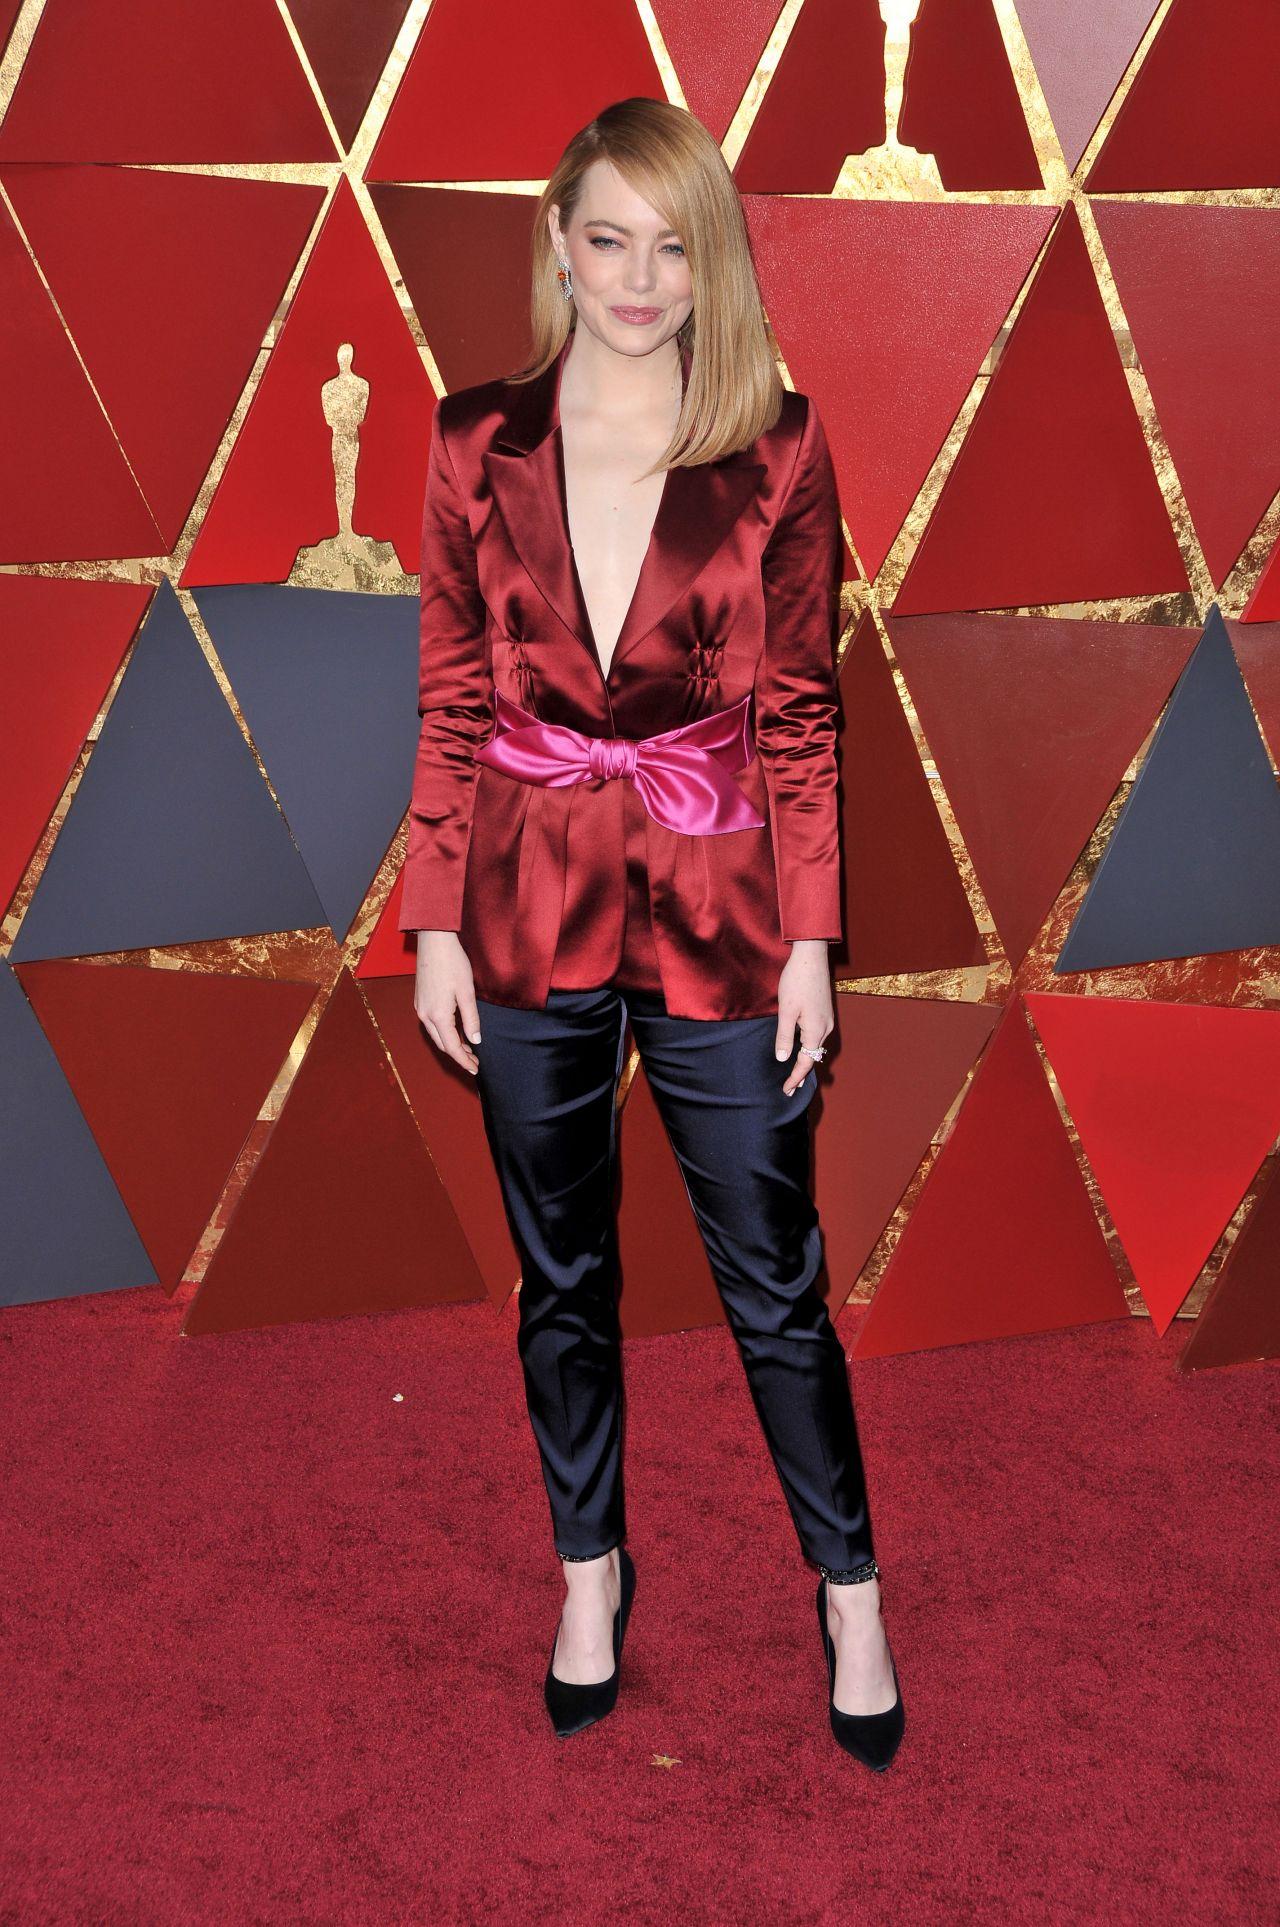 http://celebmafia.com/wp-content/uploads/2018/03/emma-stone-oscars-2018-red-carpet-13.jpg